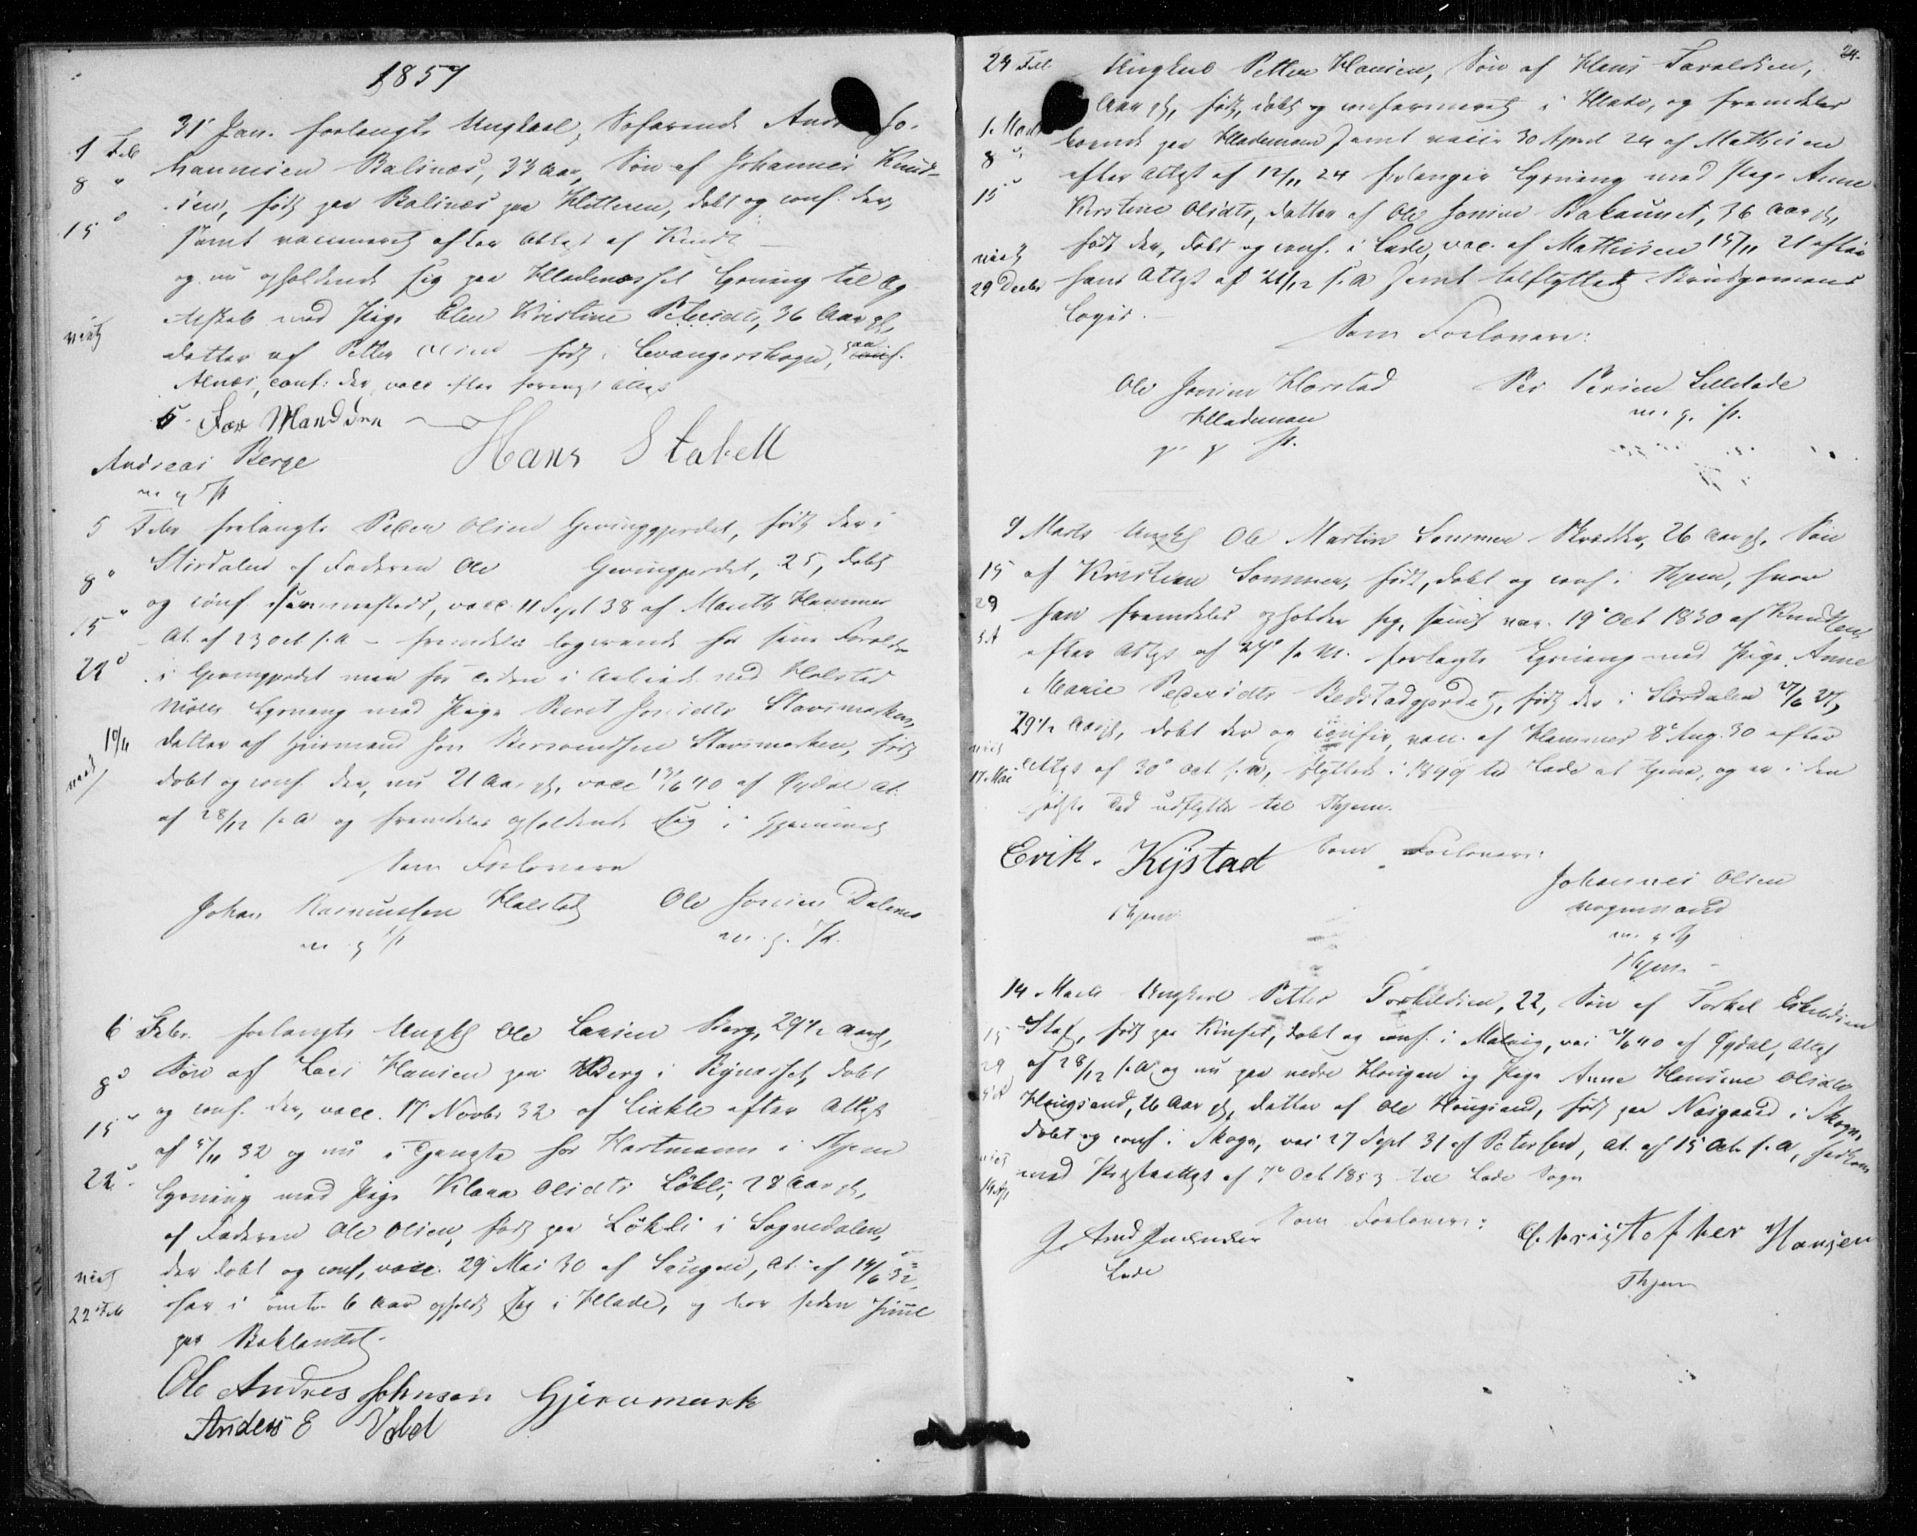 SAT, Ministerialprotokoller, klokkerbøker og fødselsregistre - Sør-Trøndelag, 606/L0297: Lysningsprotokoll nr. 606A12, 1854-1861, s. 24